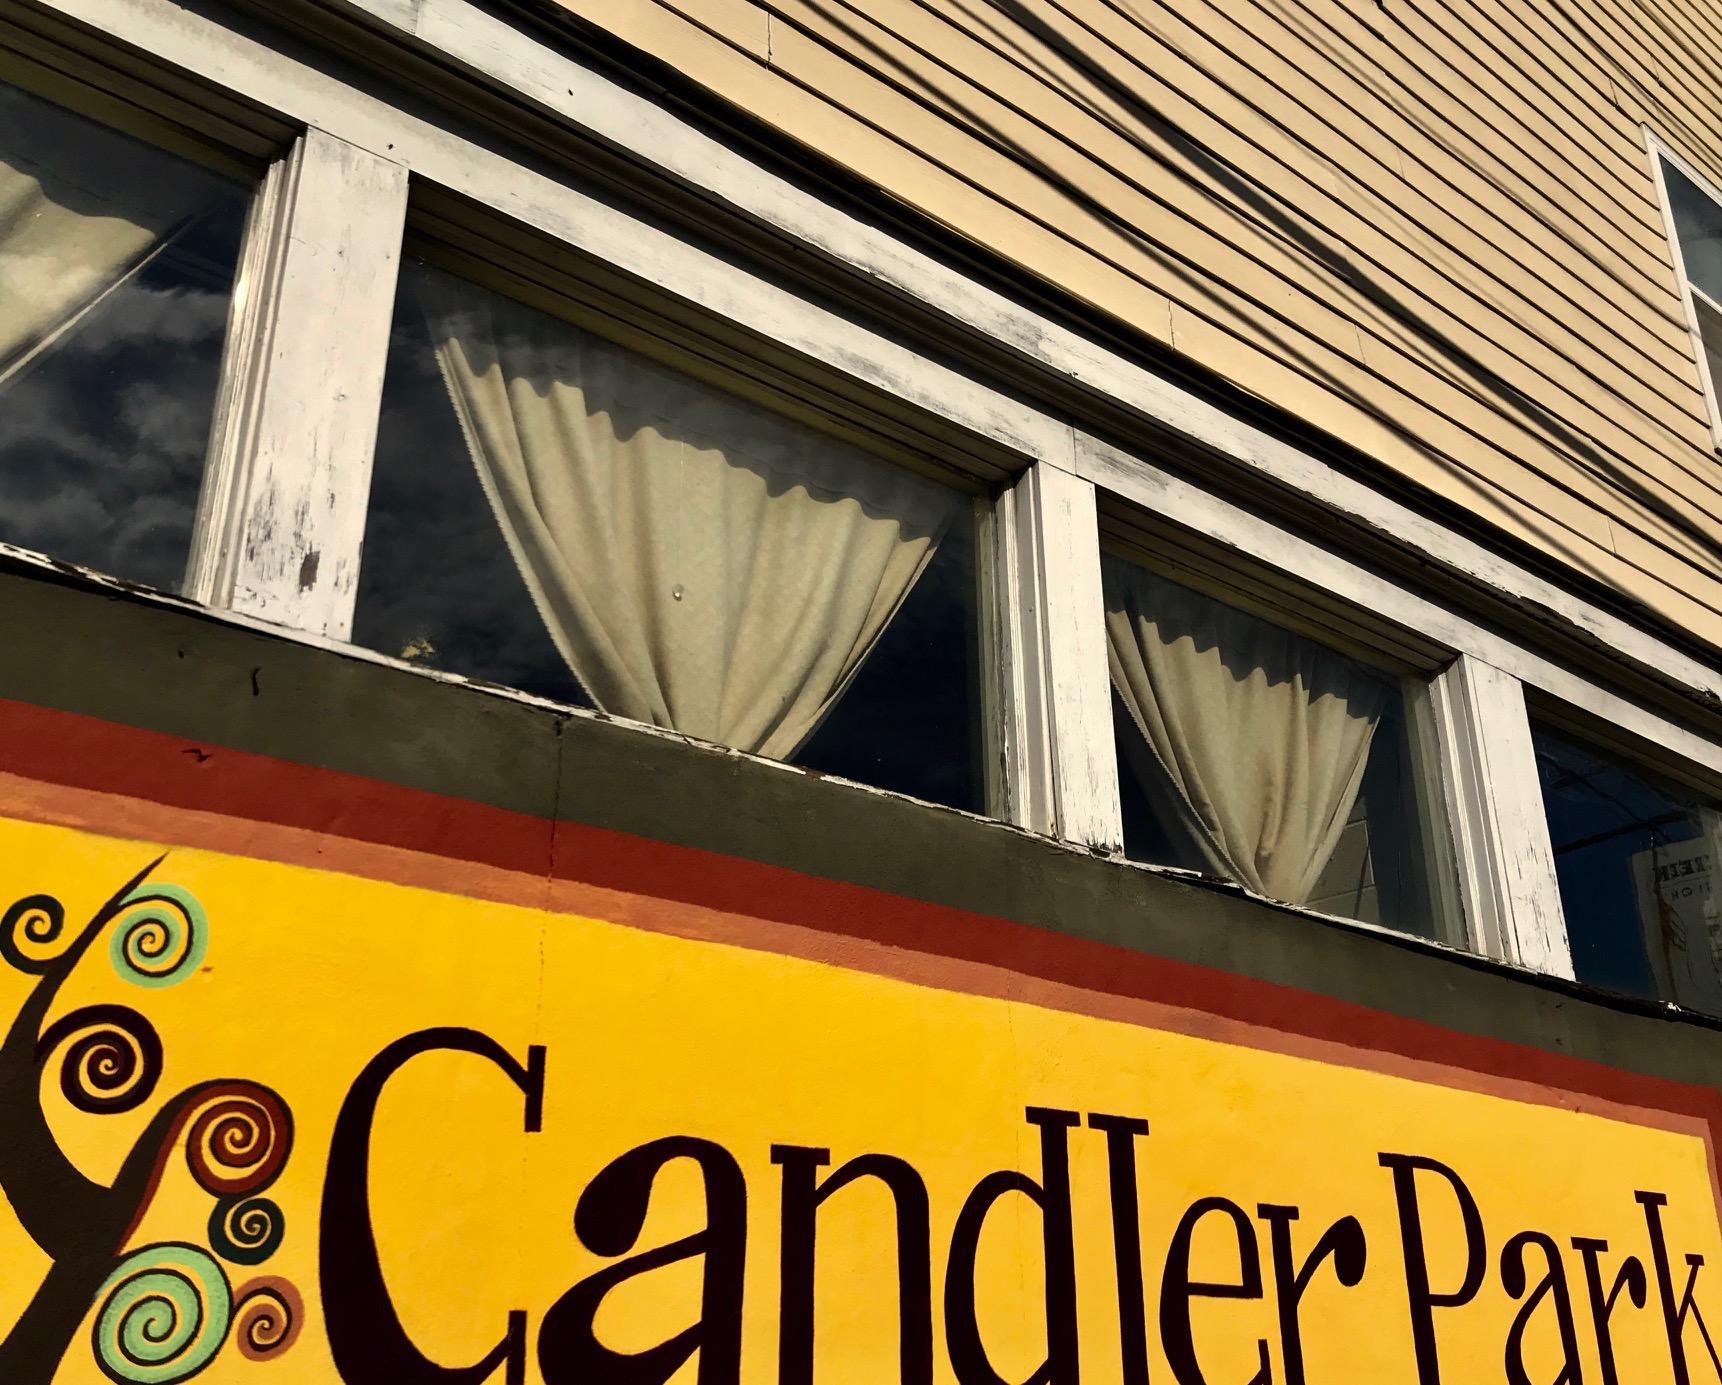 CandlerParkNov2018_02